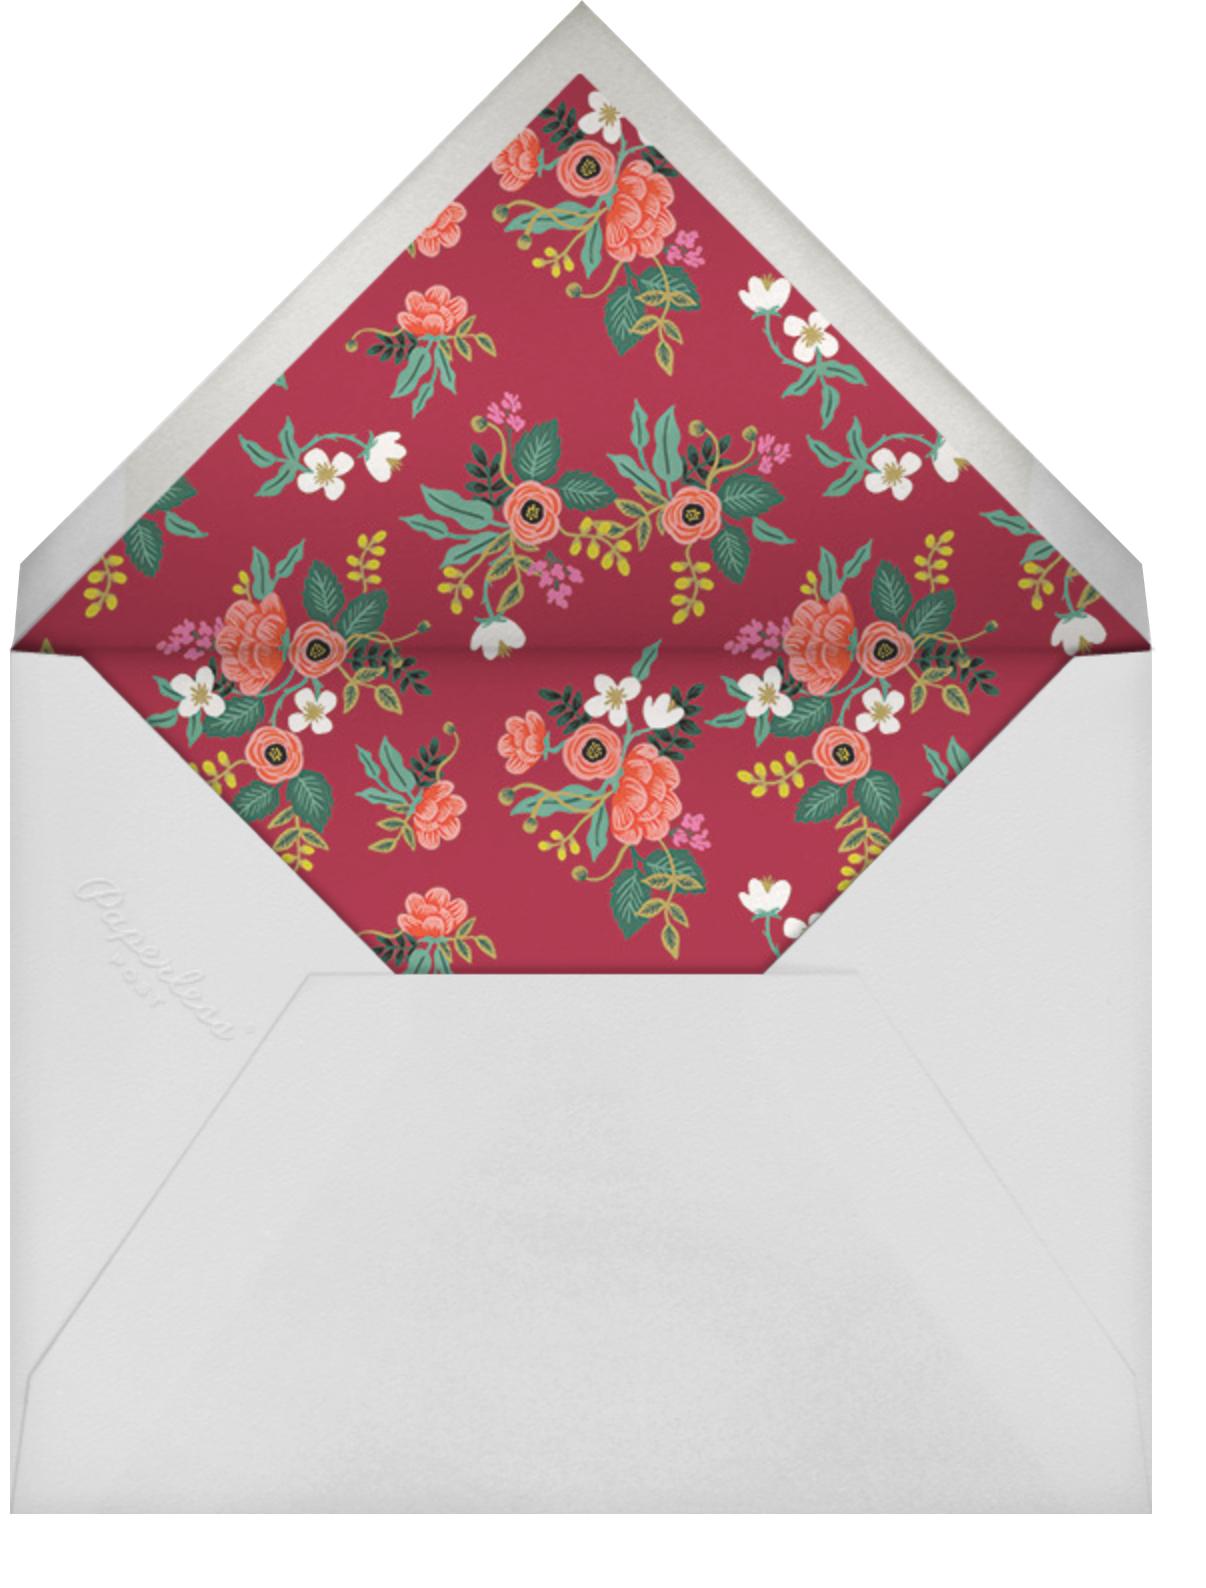 Birch Monarch (Horizontal Photo) - Blue - Rifle Paper Co. - Envelope